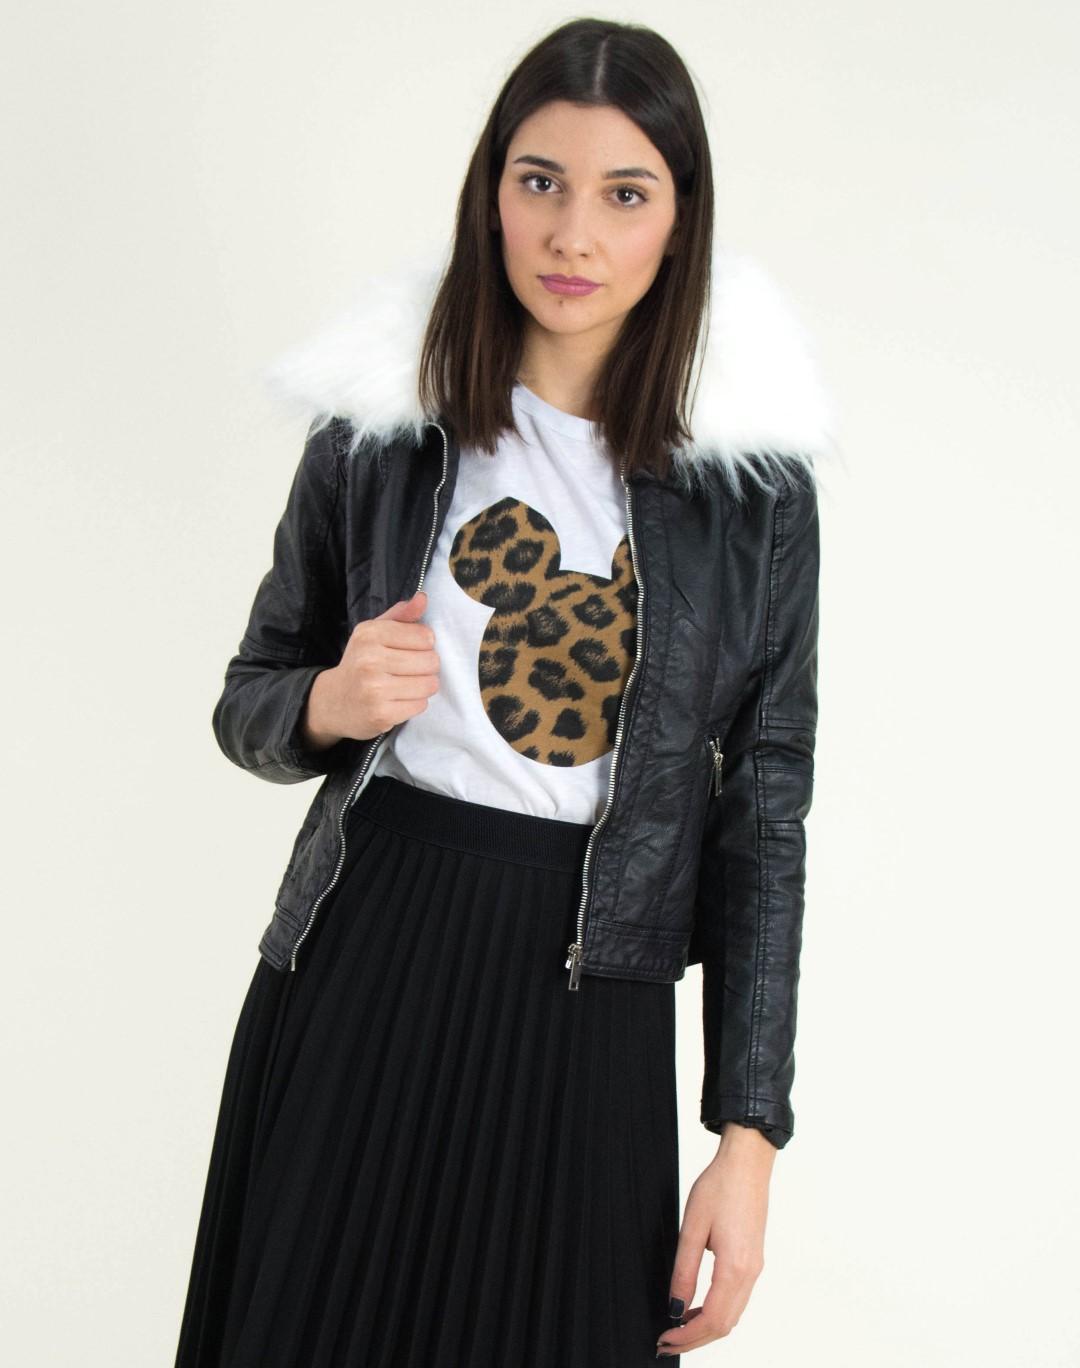 Γυναικείο μαύρο Jacket δερματίνη λευκή γούνινη επένδυση D263 b62ea8bd88e